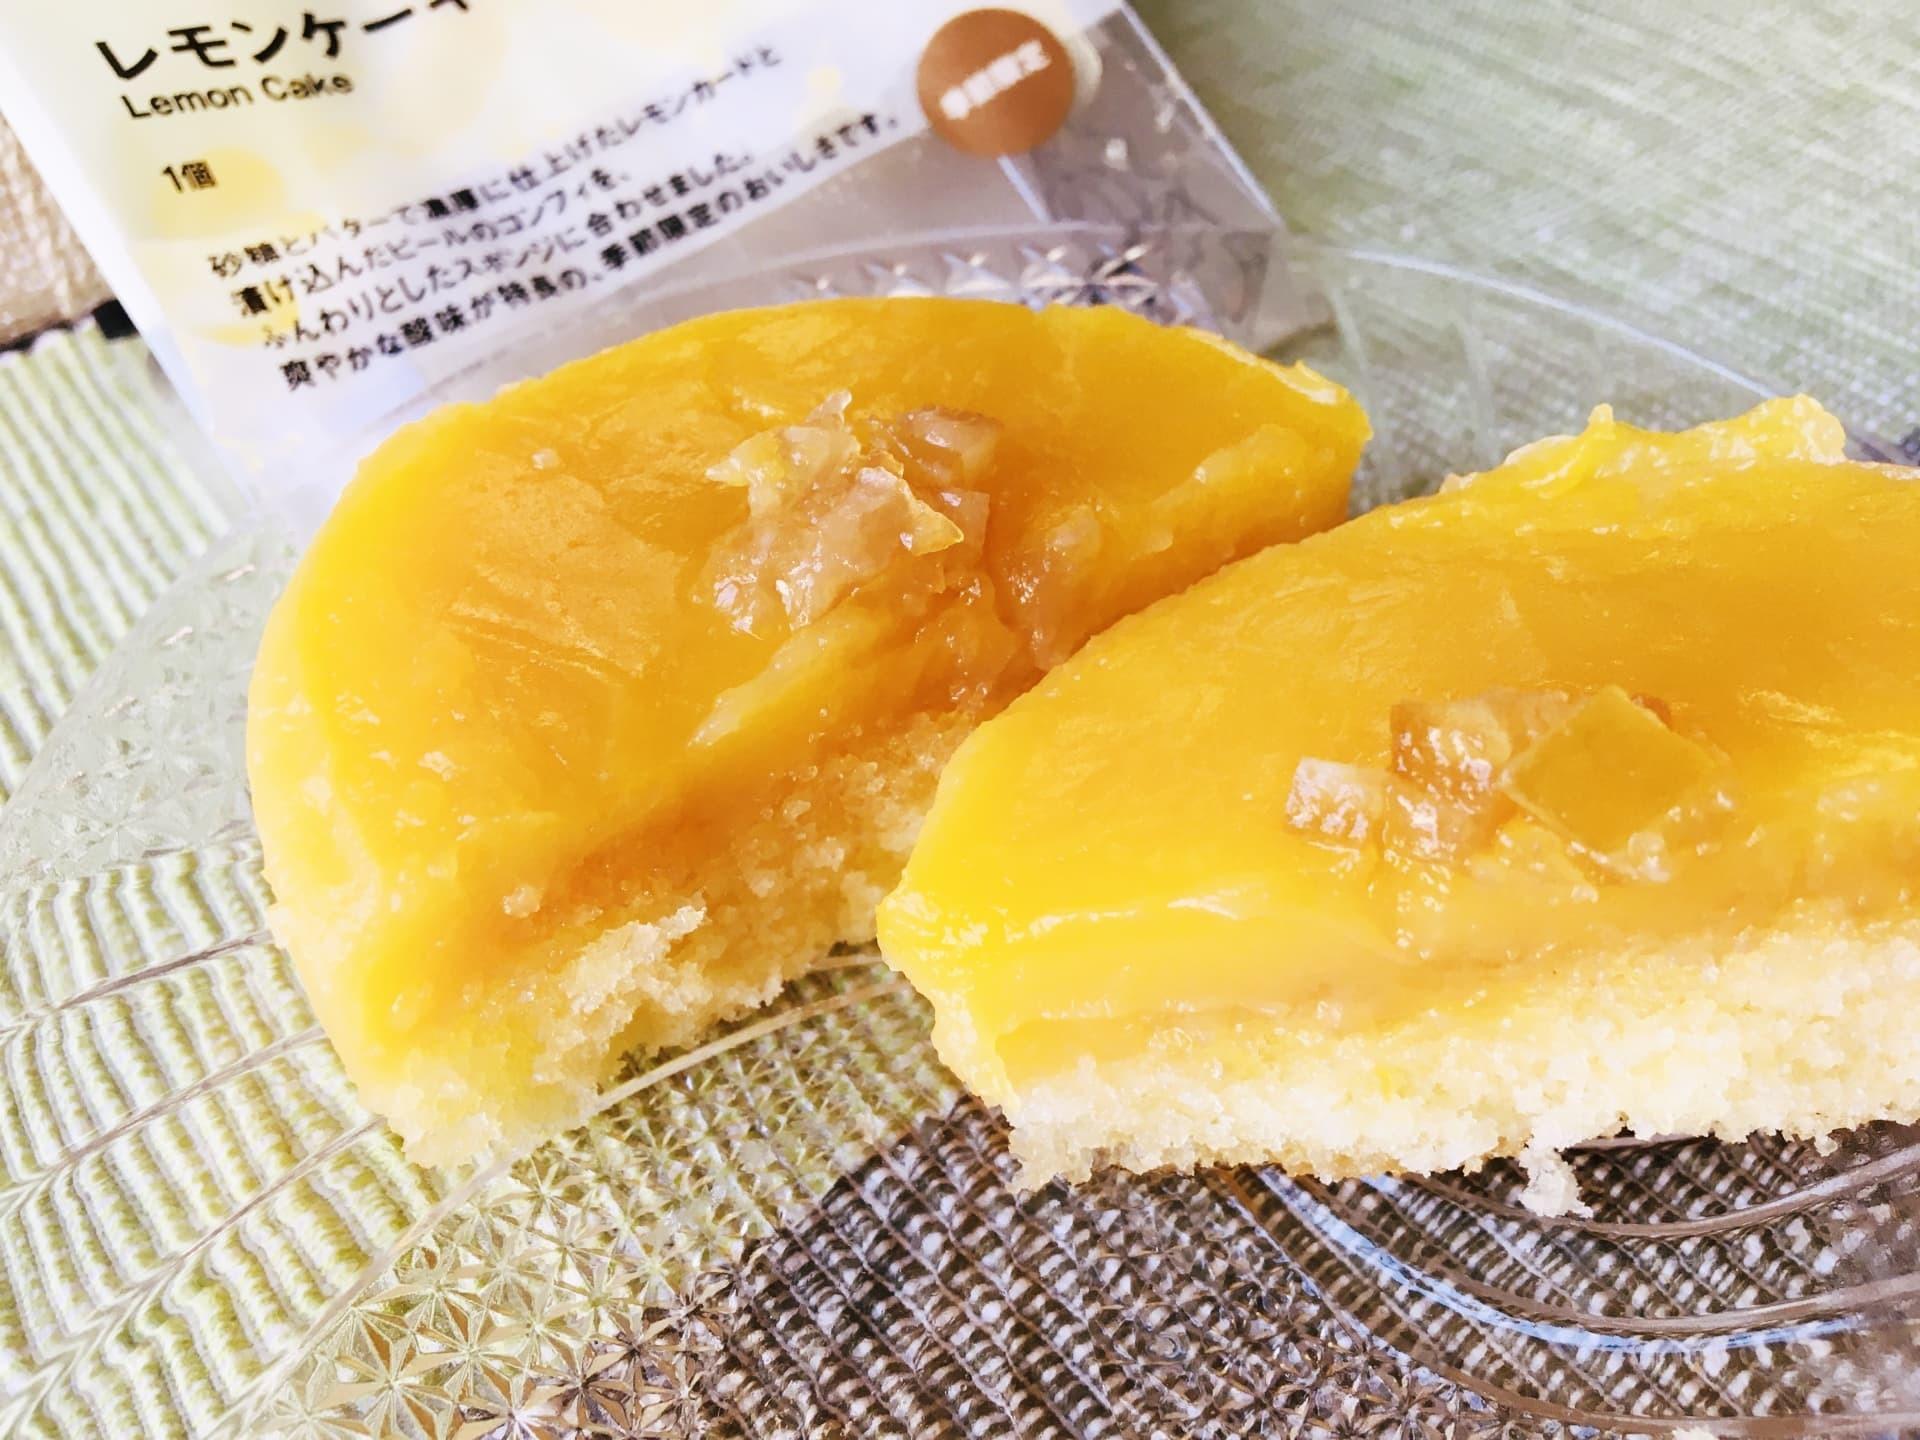 無印良品「レモンケーキ」